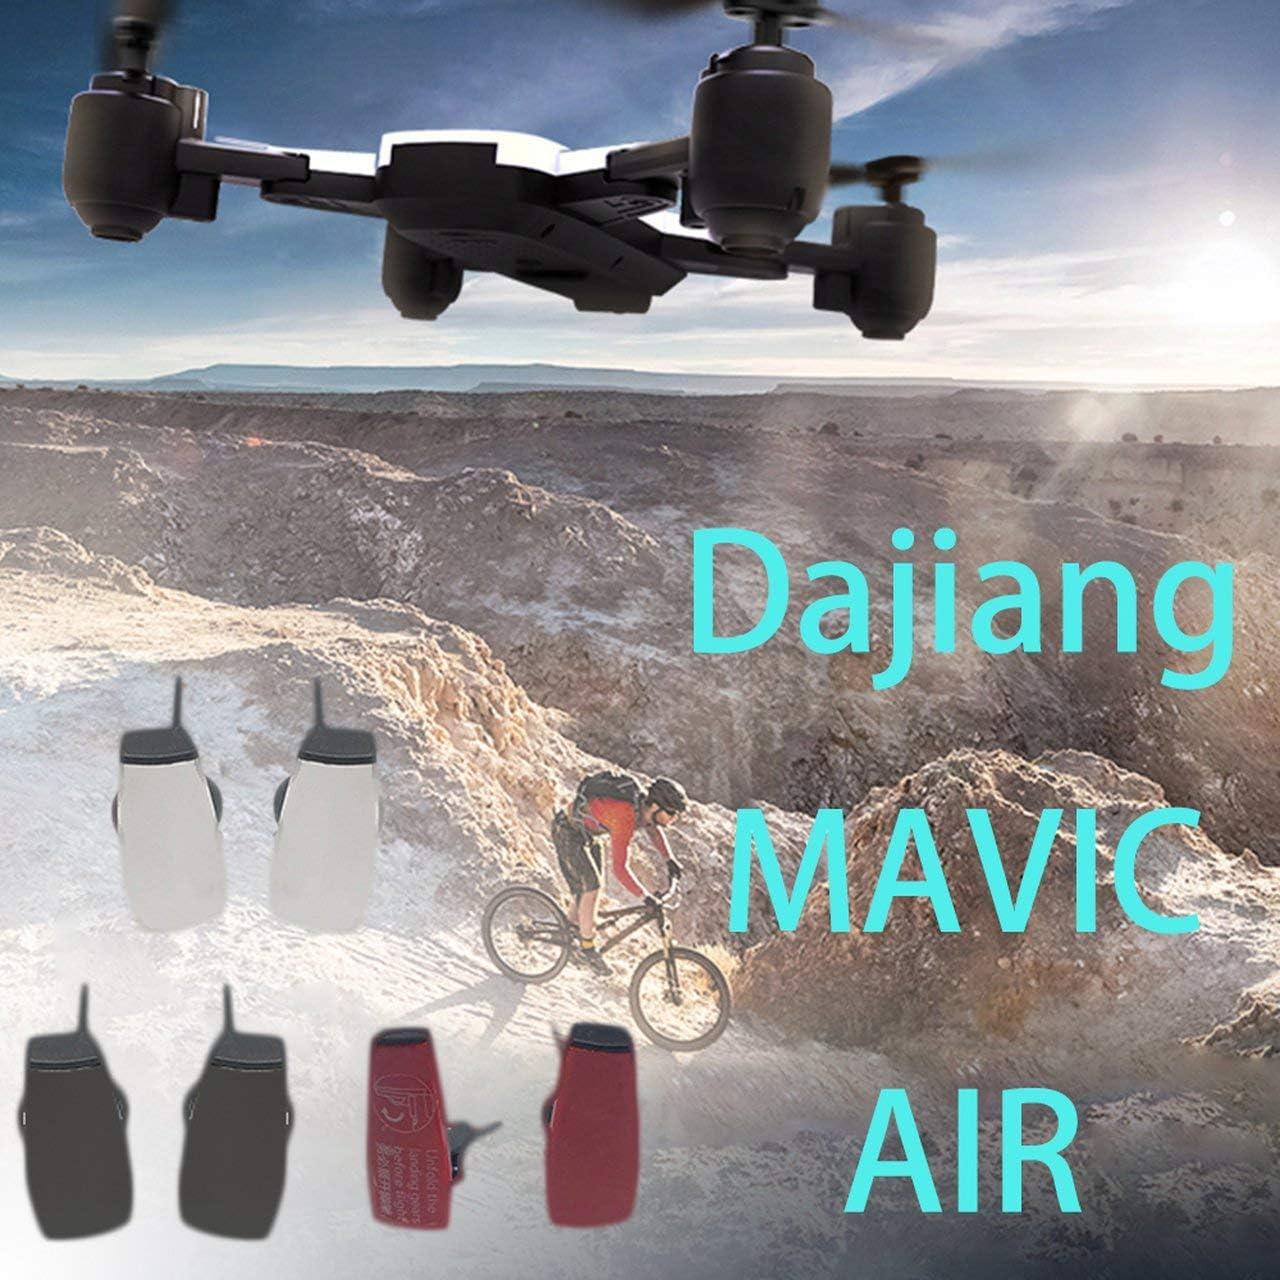 fFRtprintse Pi/èces de r/éparation dorigine pour Bras de Moteur DJI Air Mavic Air Gauche Avant Droite